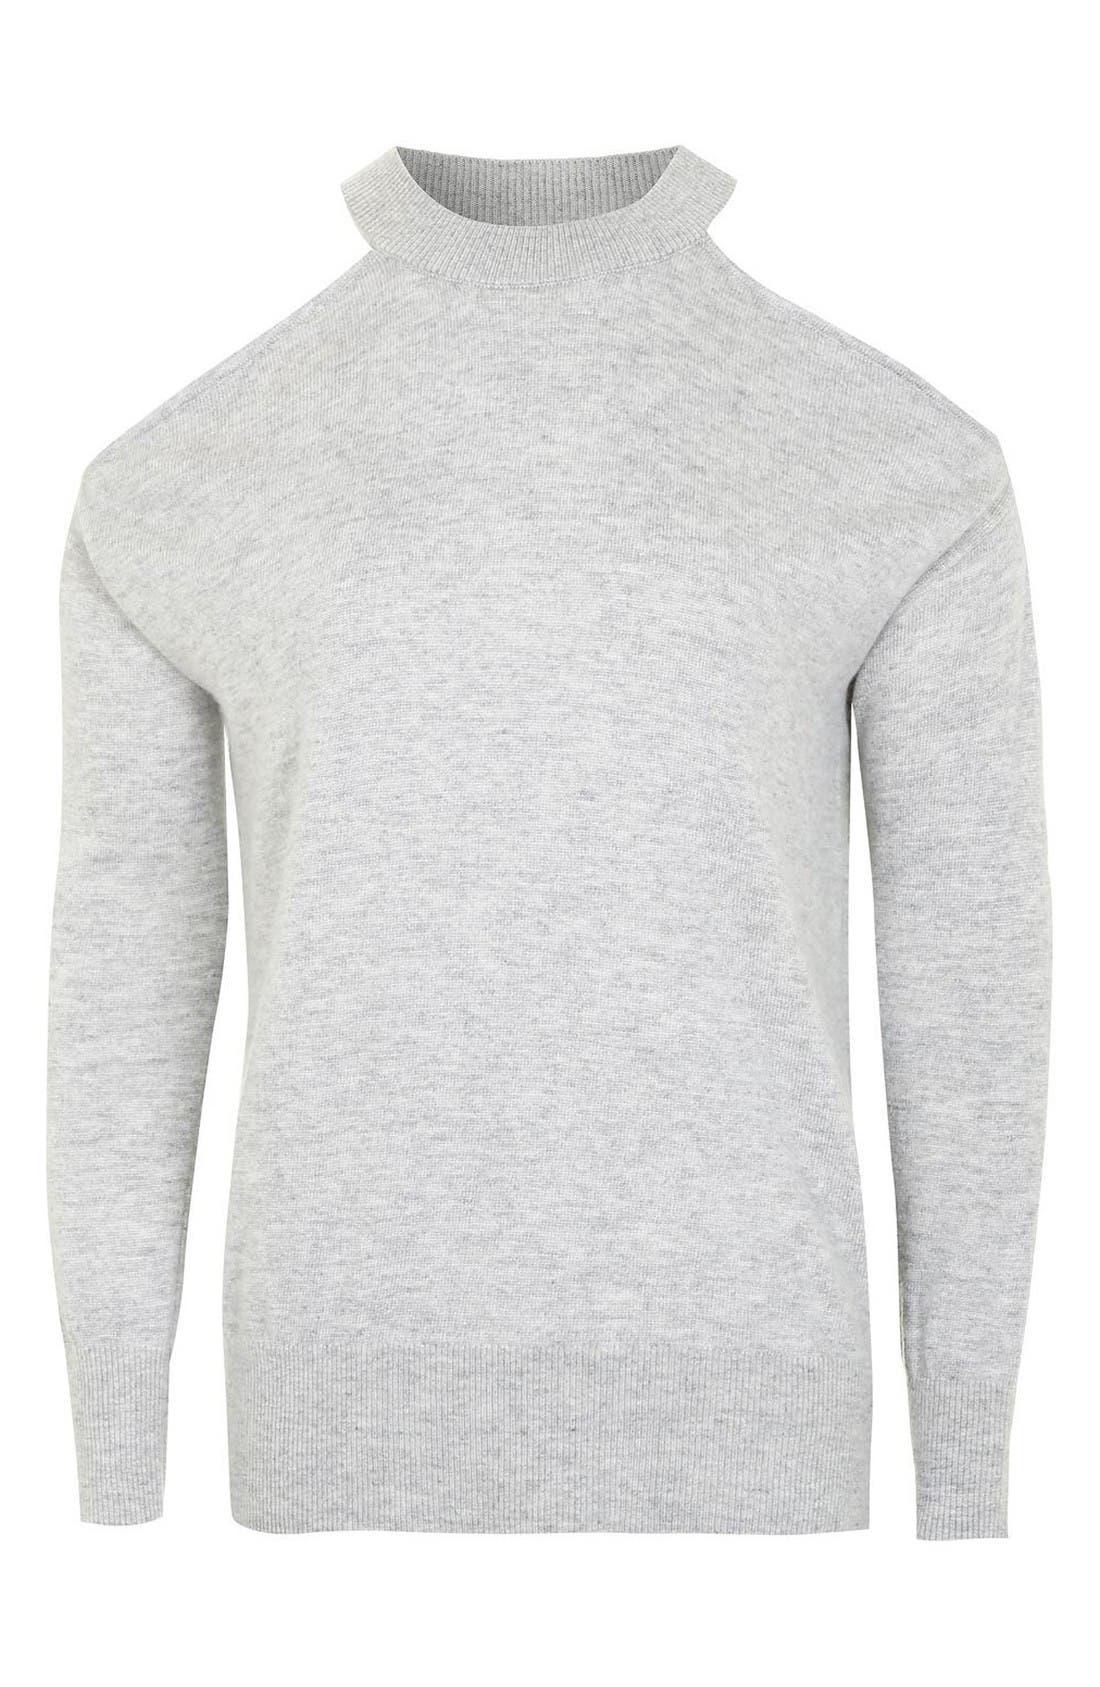 Alternate Image 4  - Topshop Cold Shoulder Sweater